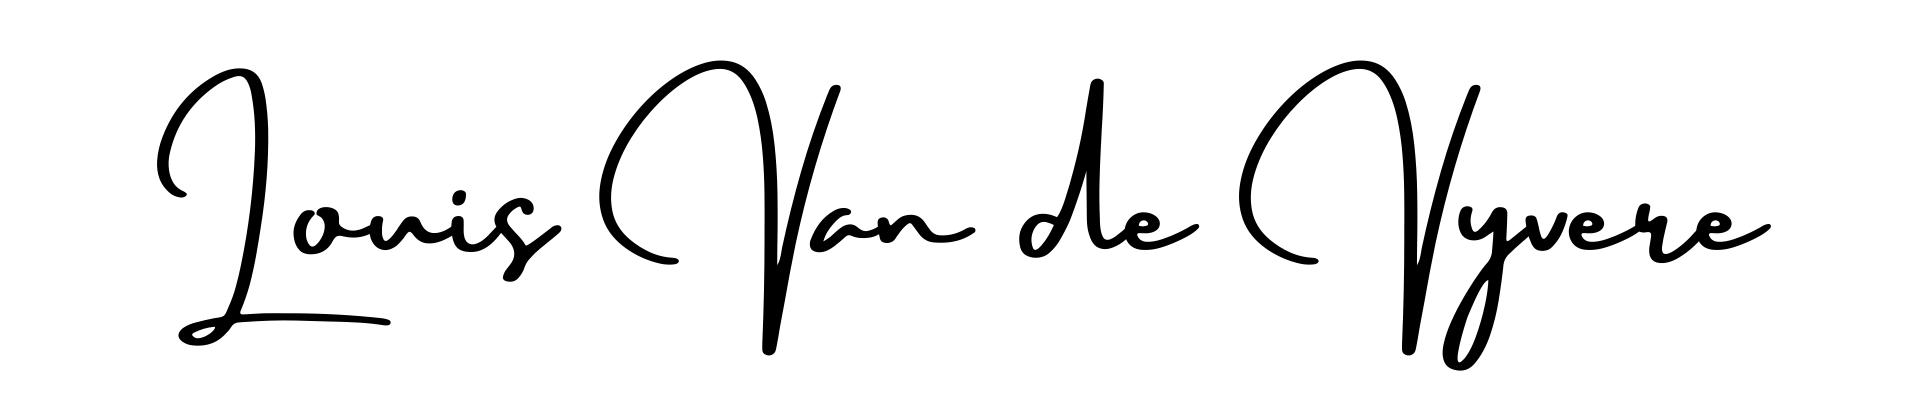 Louis Van de Vyvere